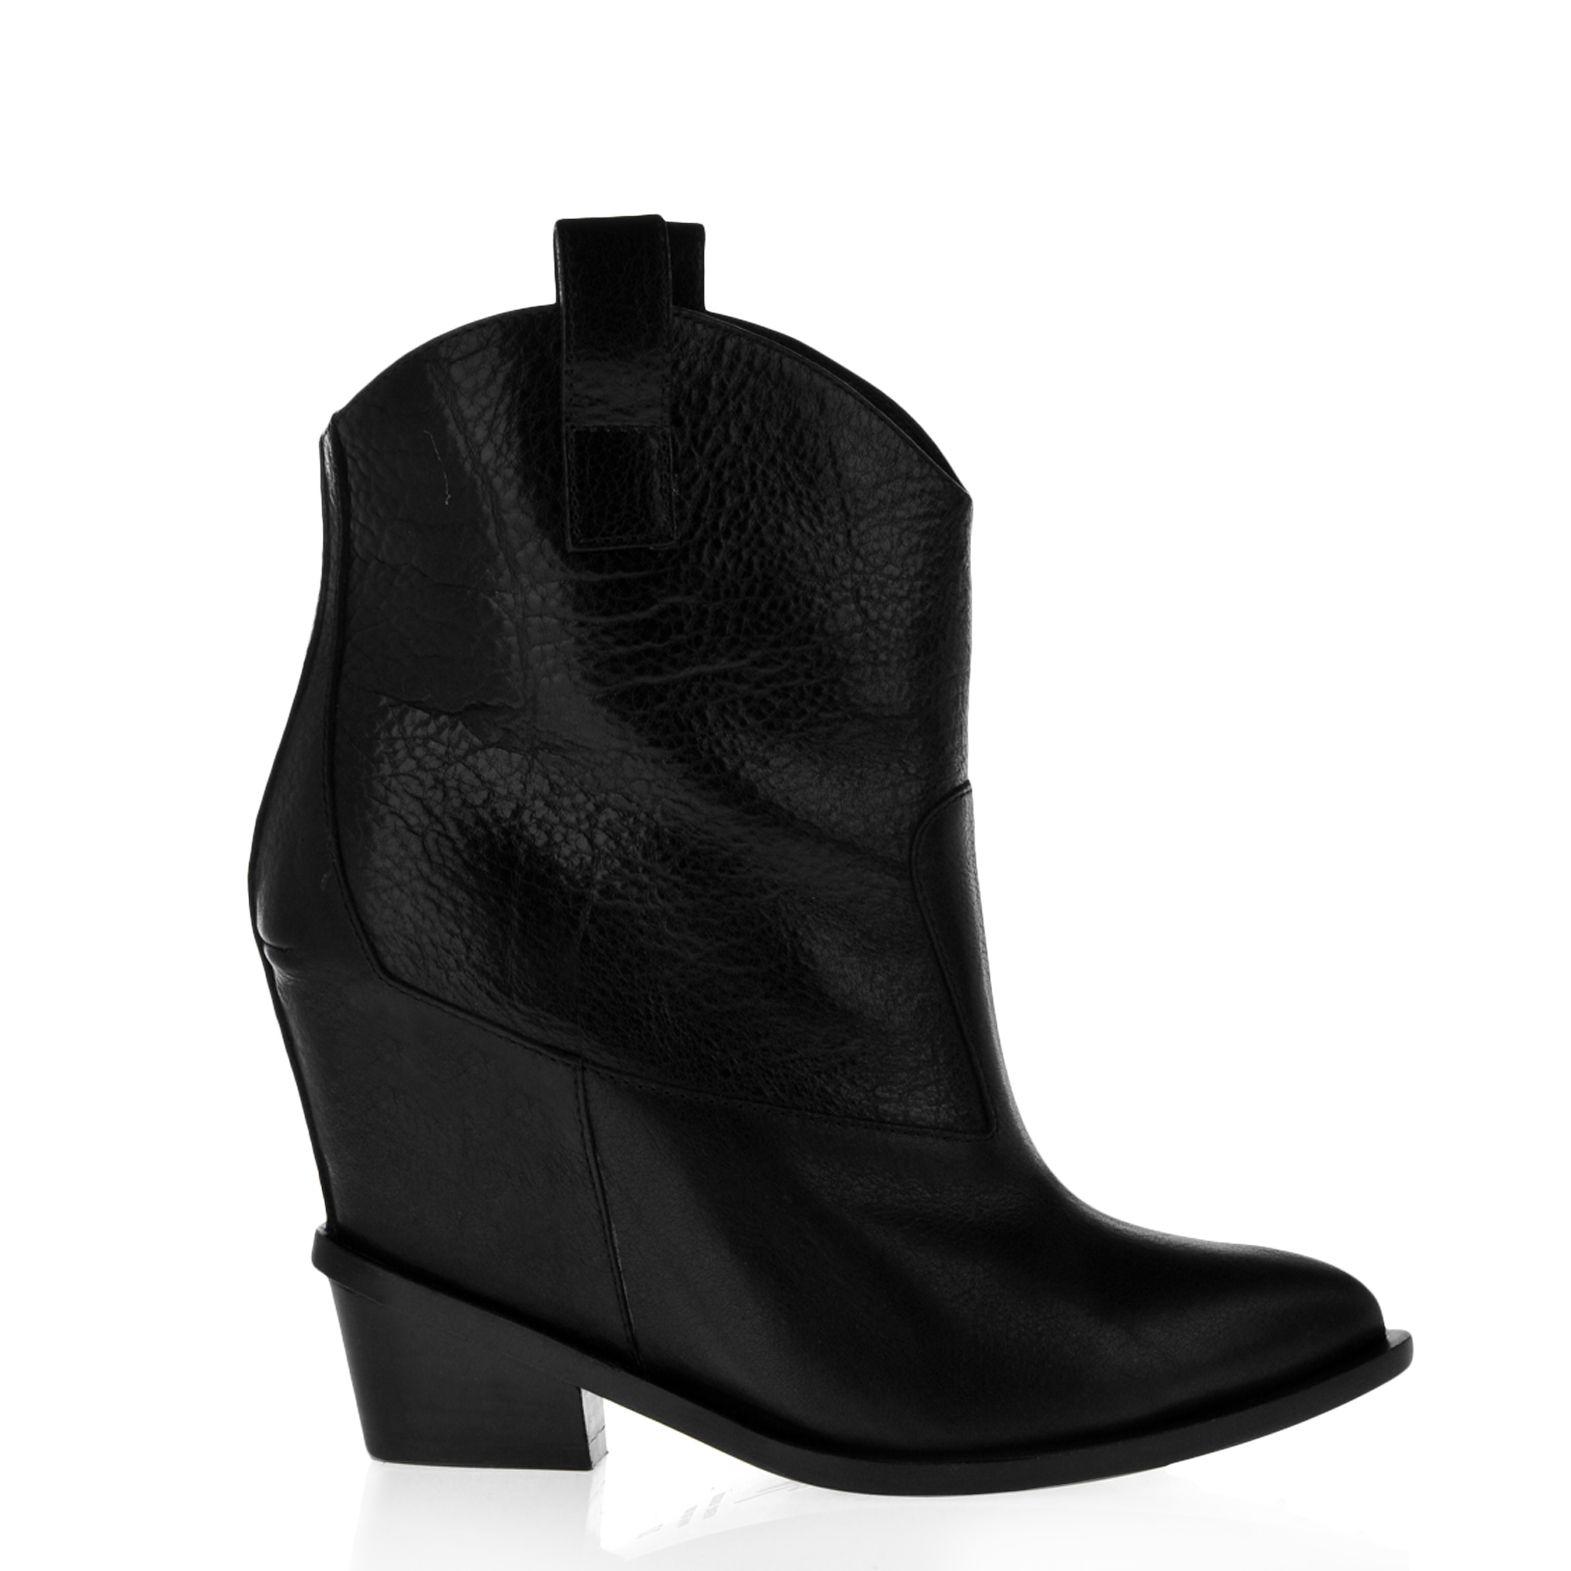 Zanotti-booties-black-3